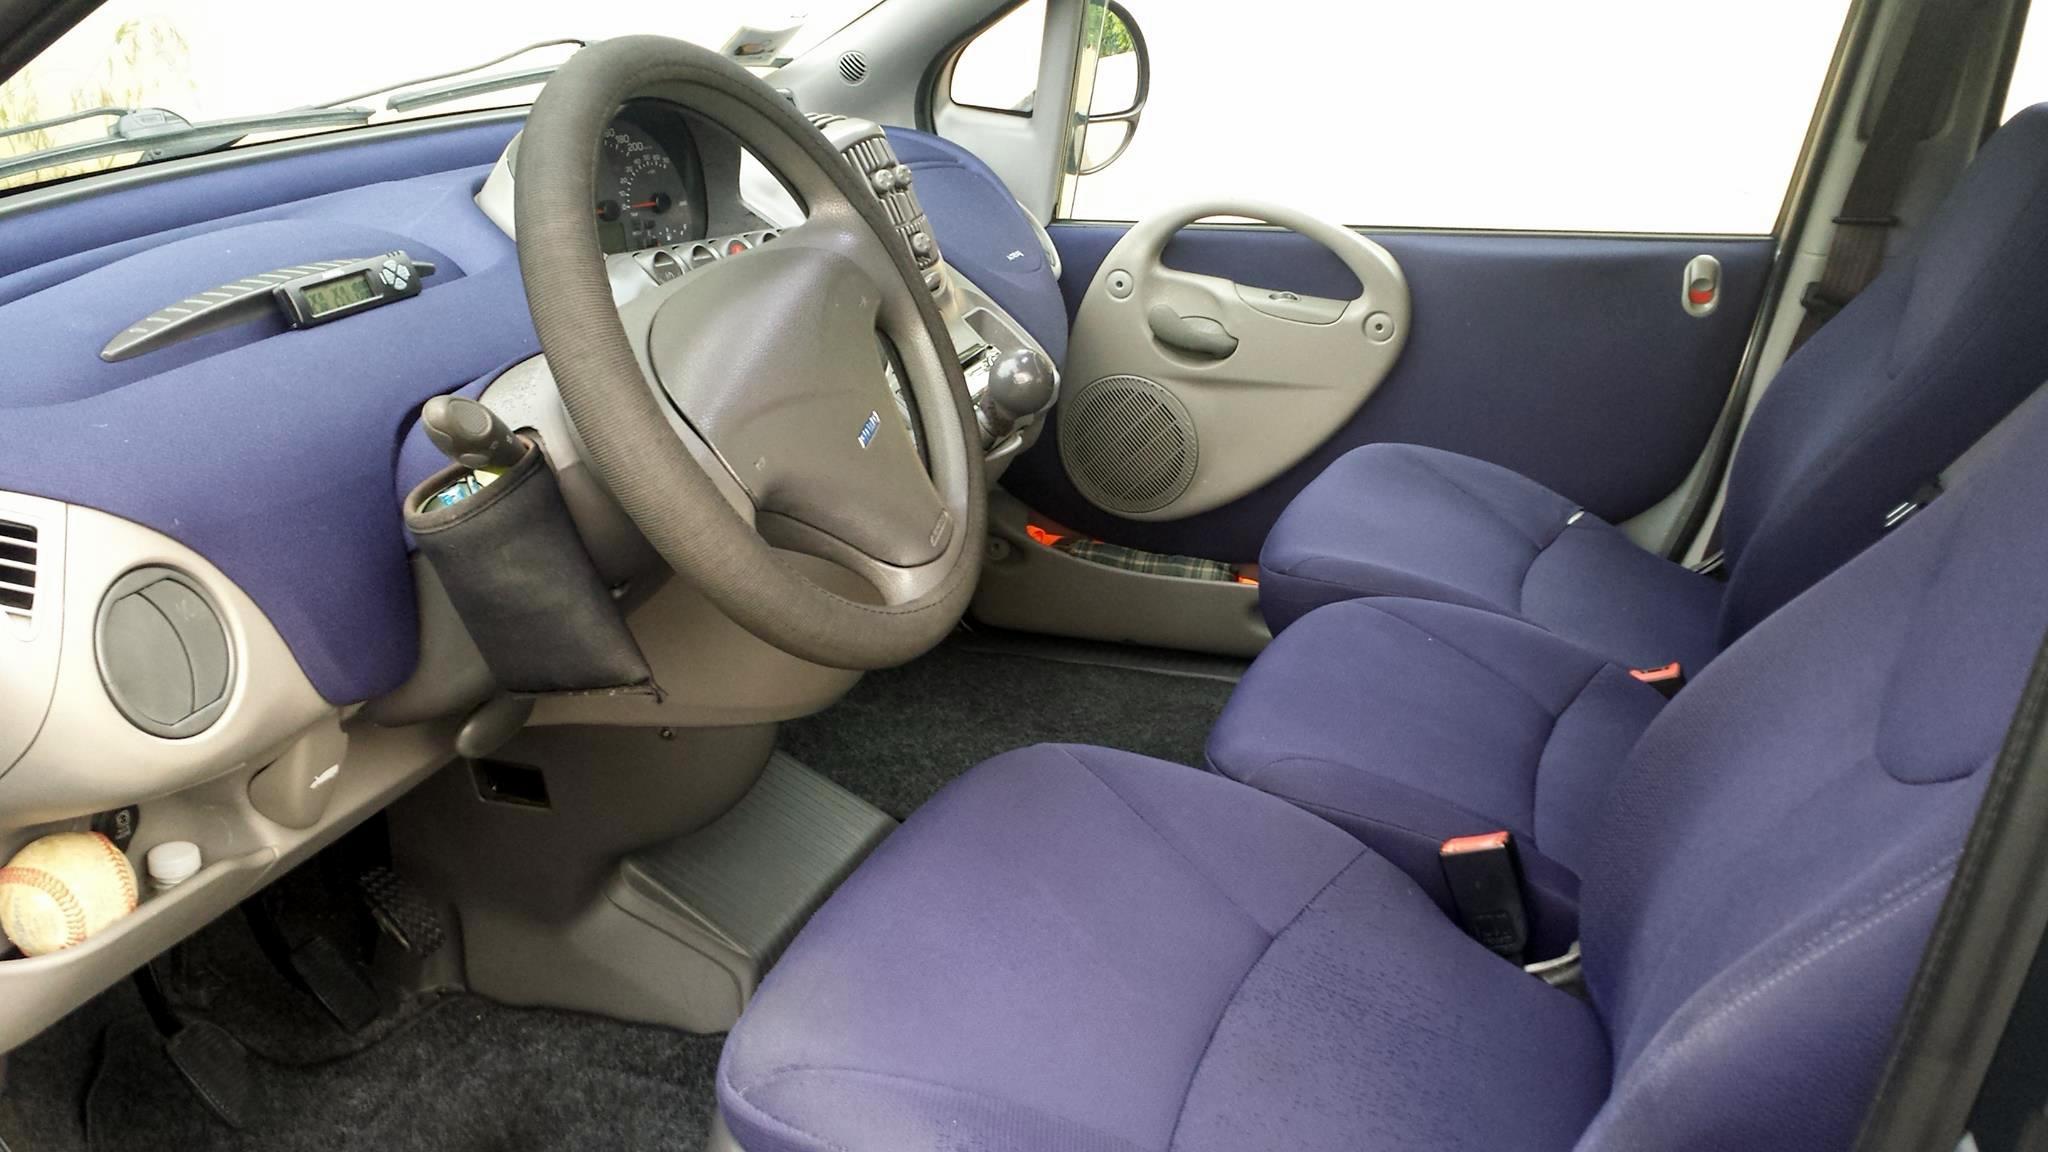 2001 Fiat Multipla Bi Power, il ritorno! 10364662_10203411275915340_924265278_o